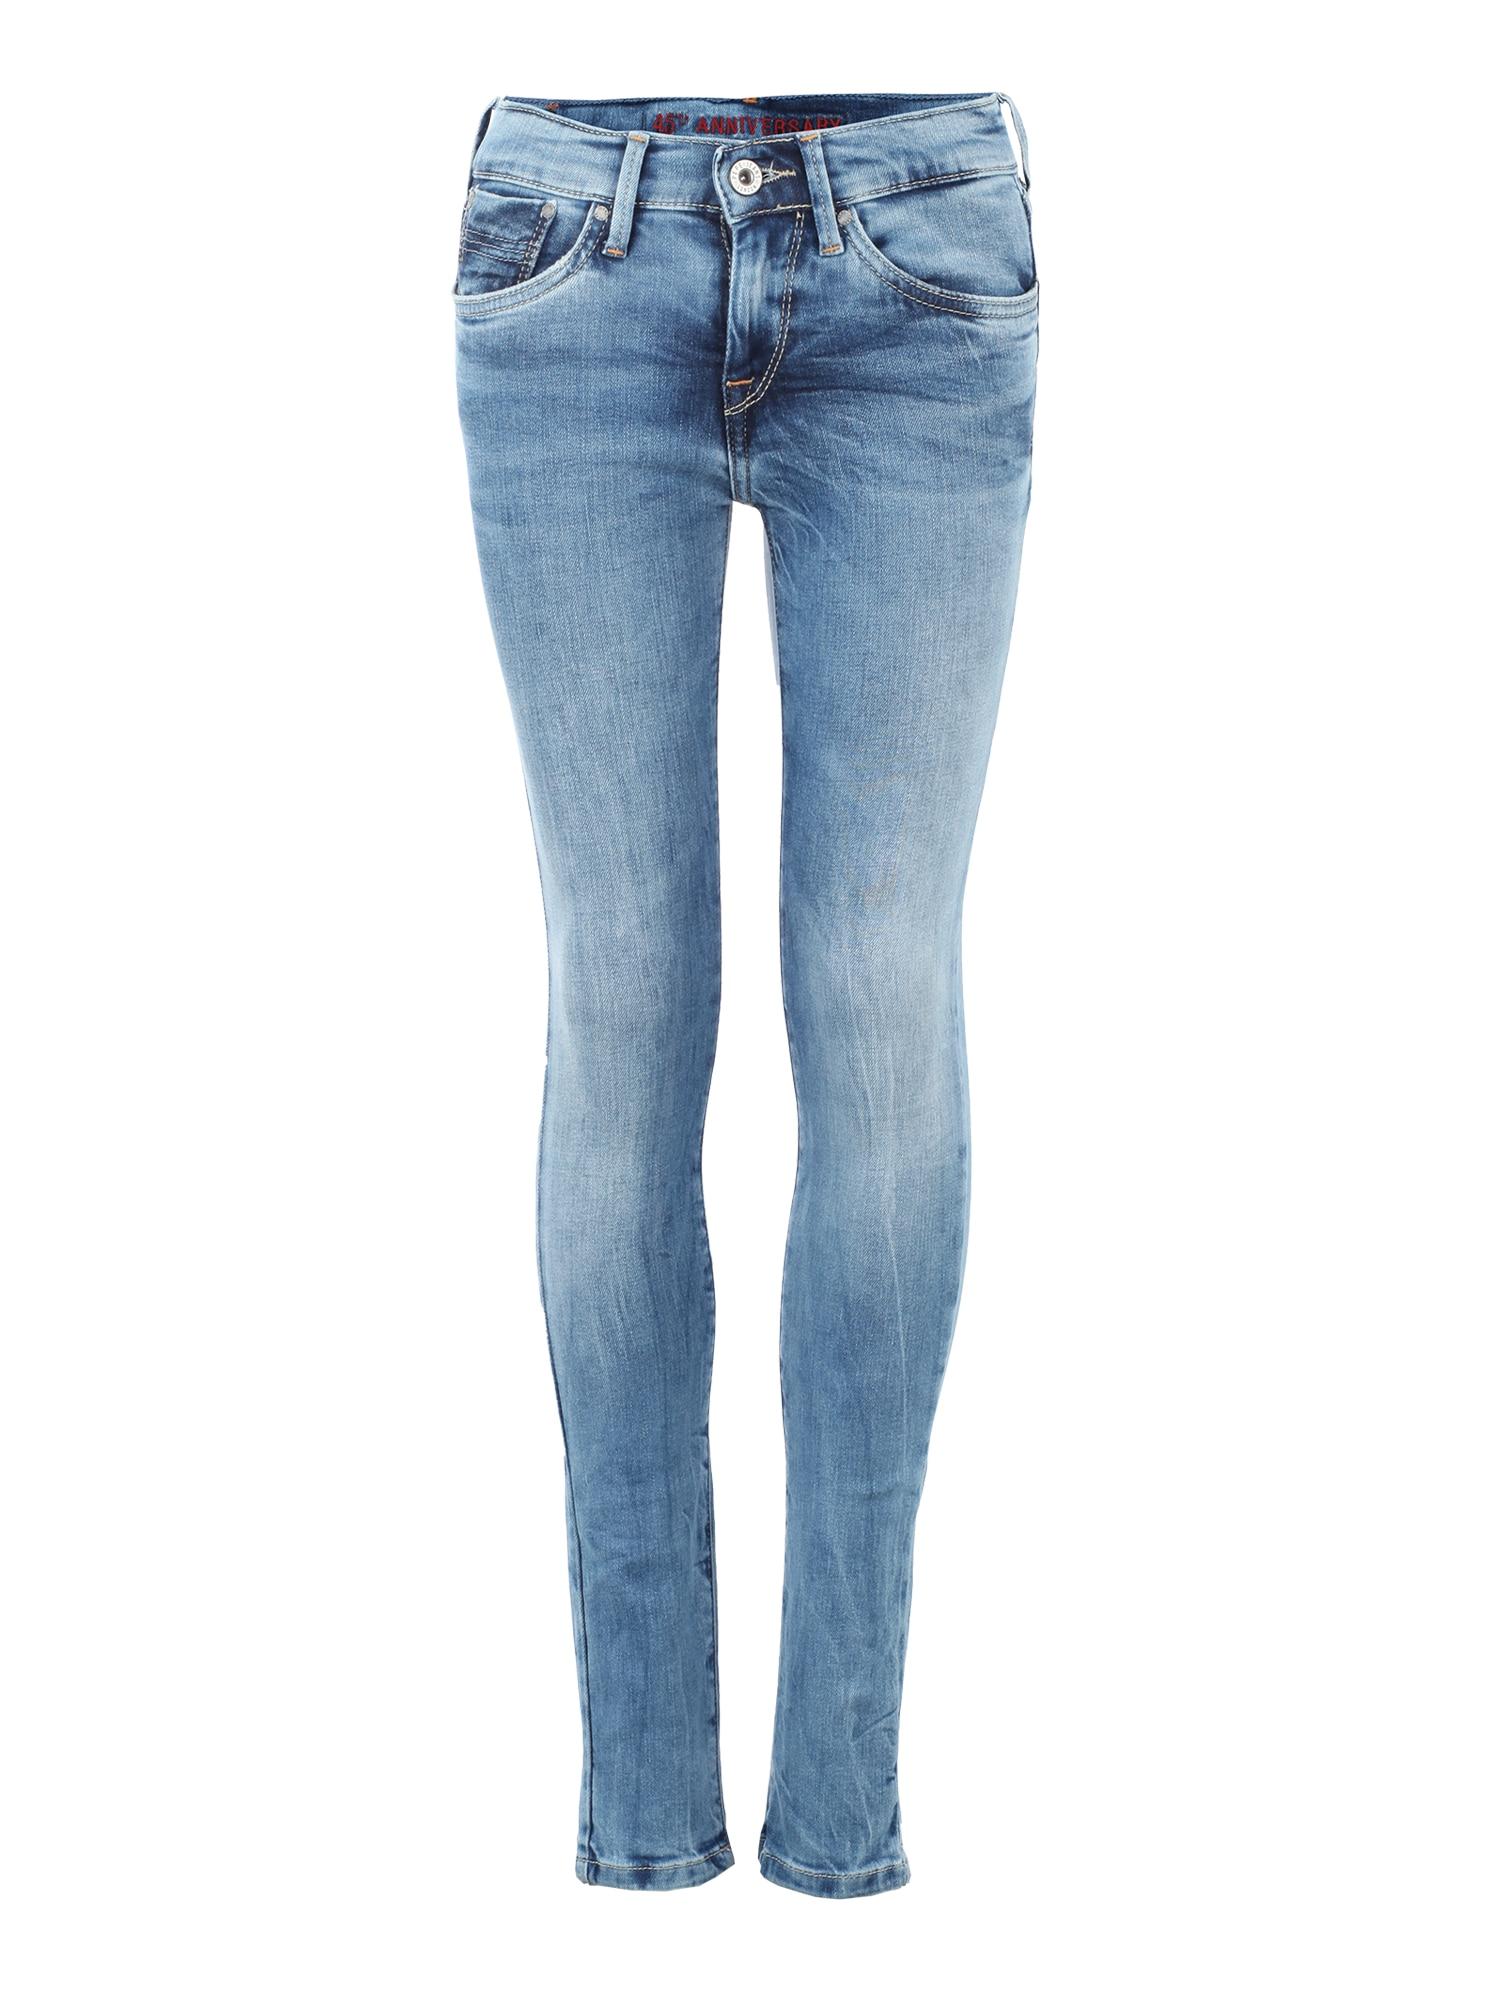 Pepe Jeans Meisjes Jeans PIXLETTE 45YRS blue denim